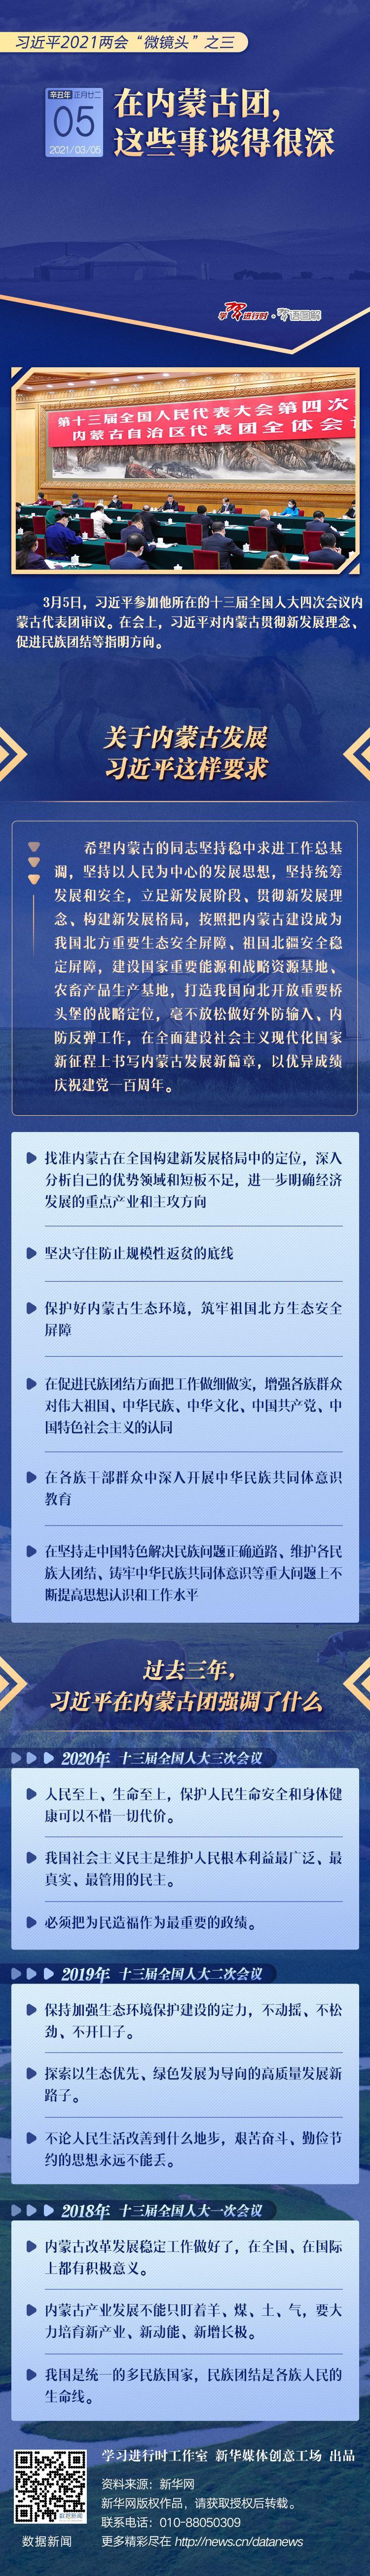 """习近平2021两会""""微镜头""""之三:3月5日 在内蒙古团 这些事谈得很深图片"""